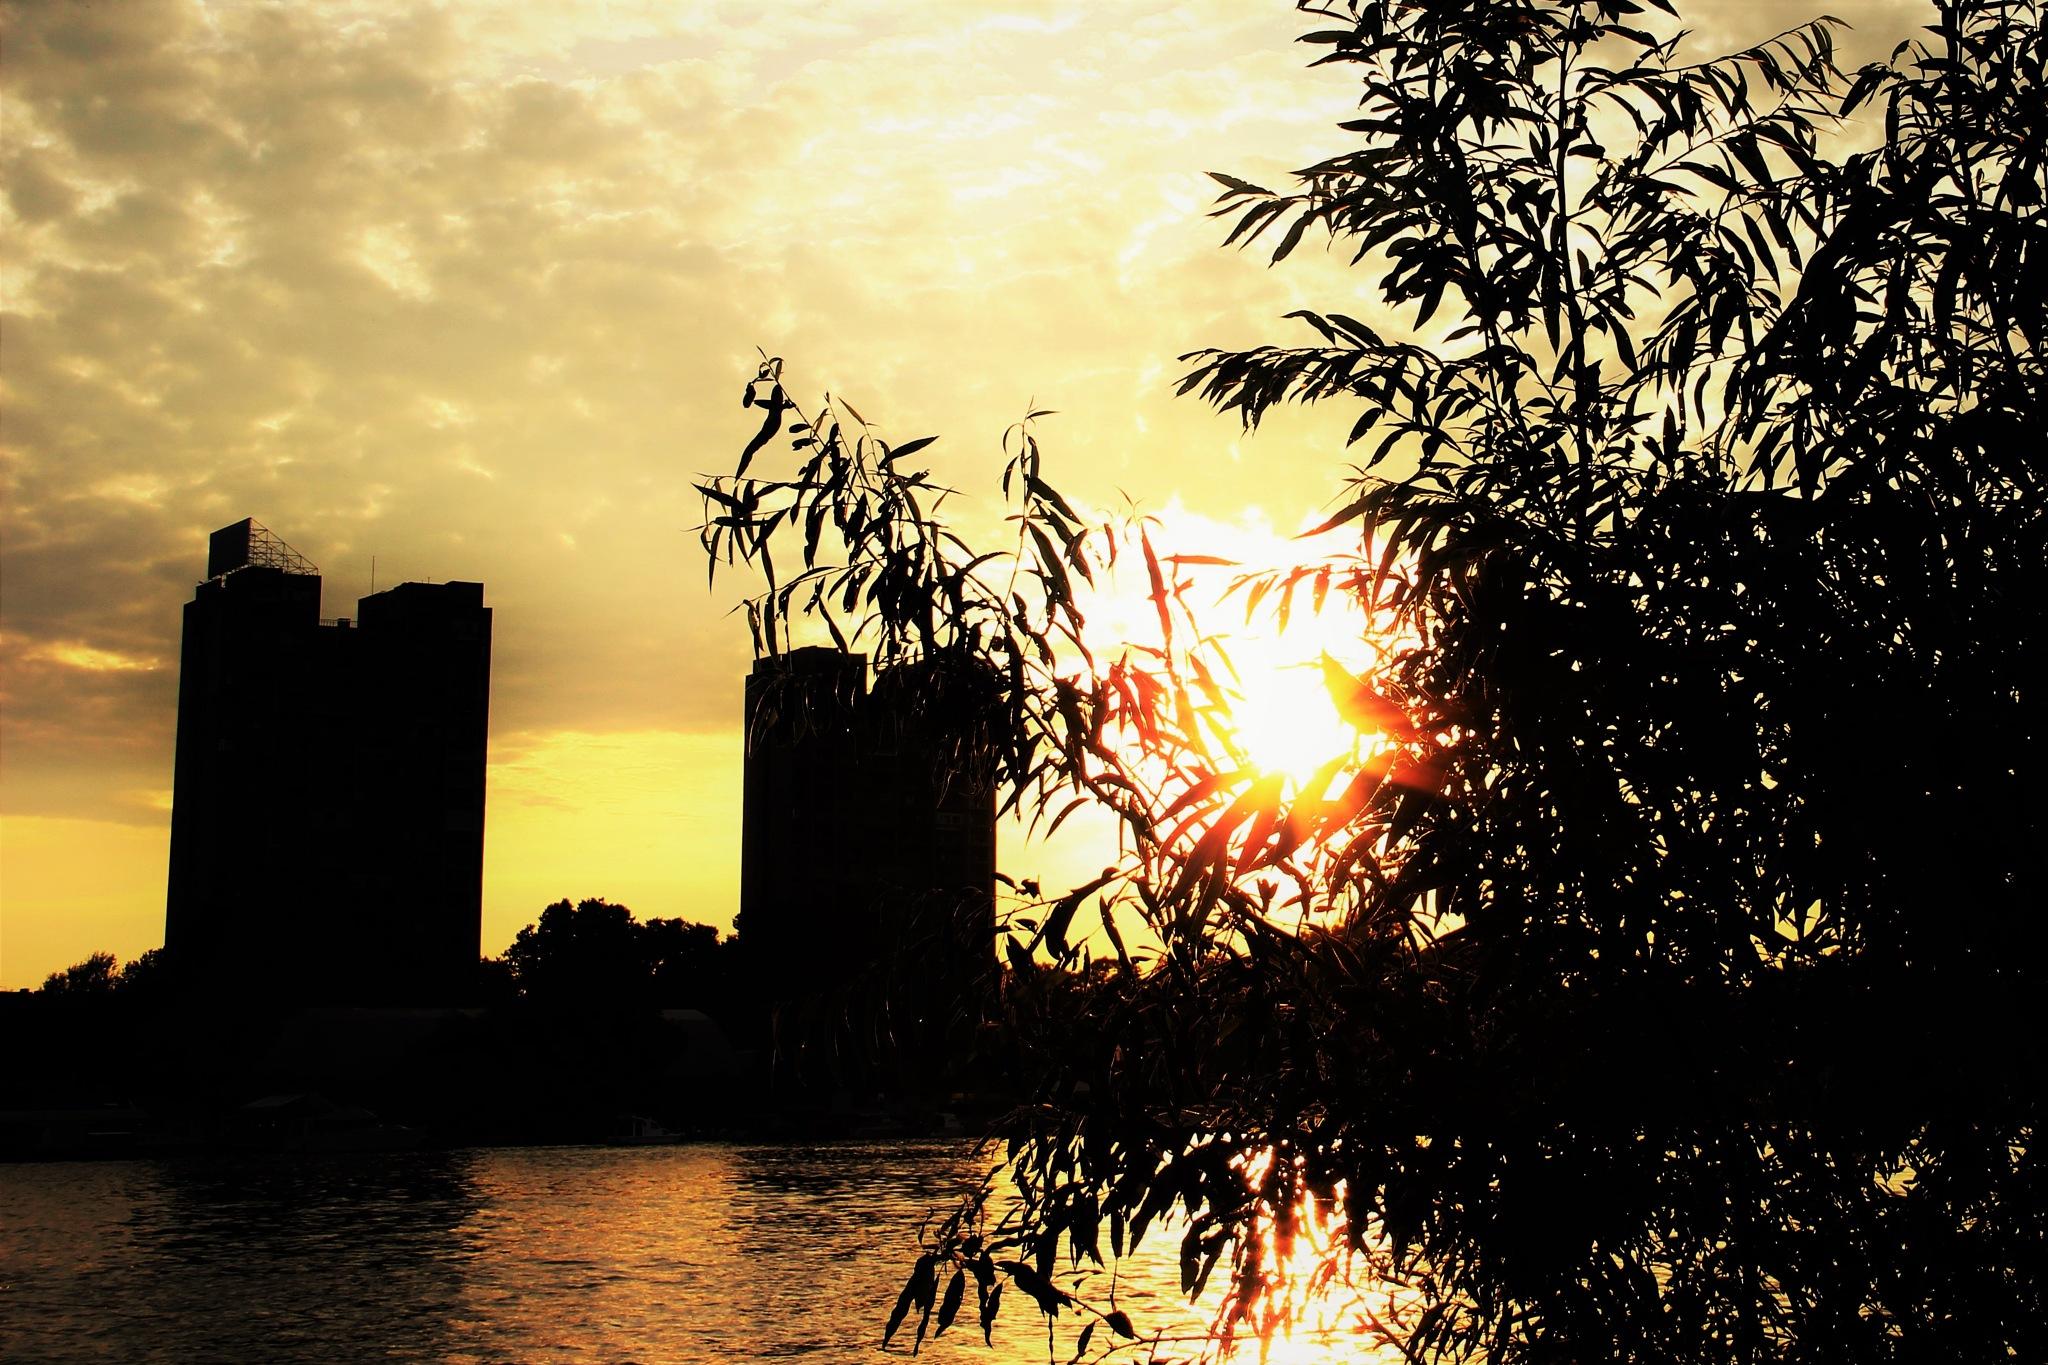 Sunset by Ana Drljaca